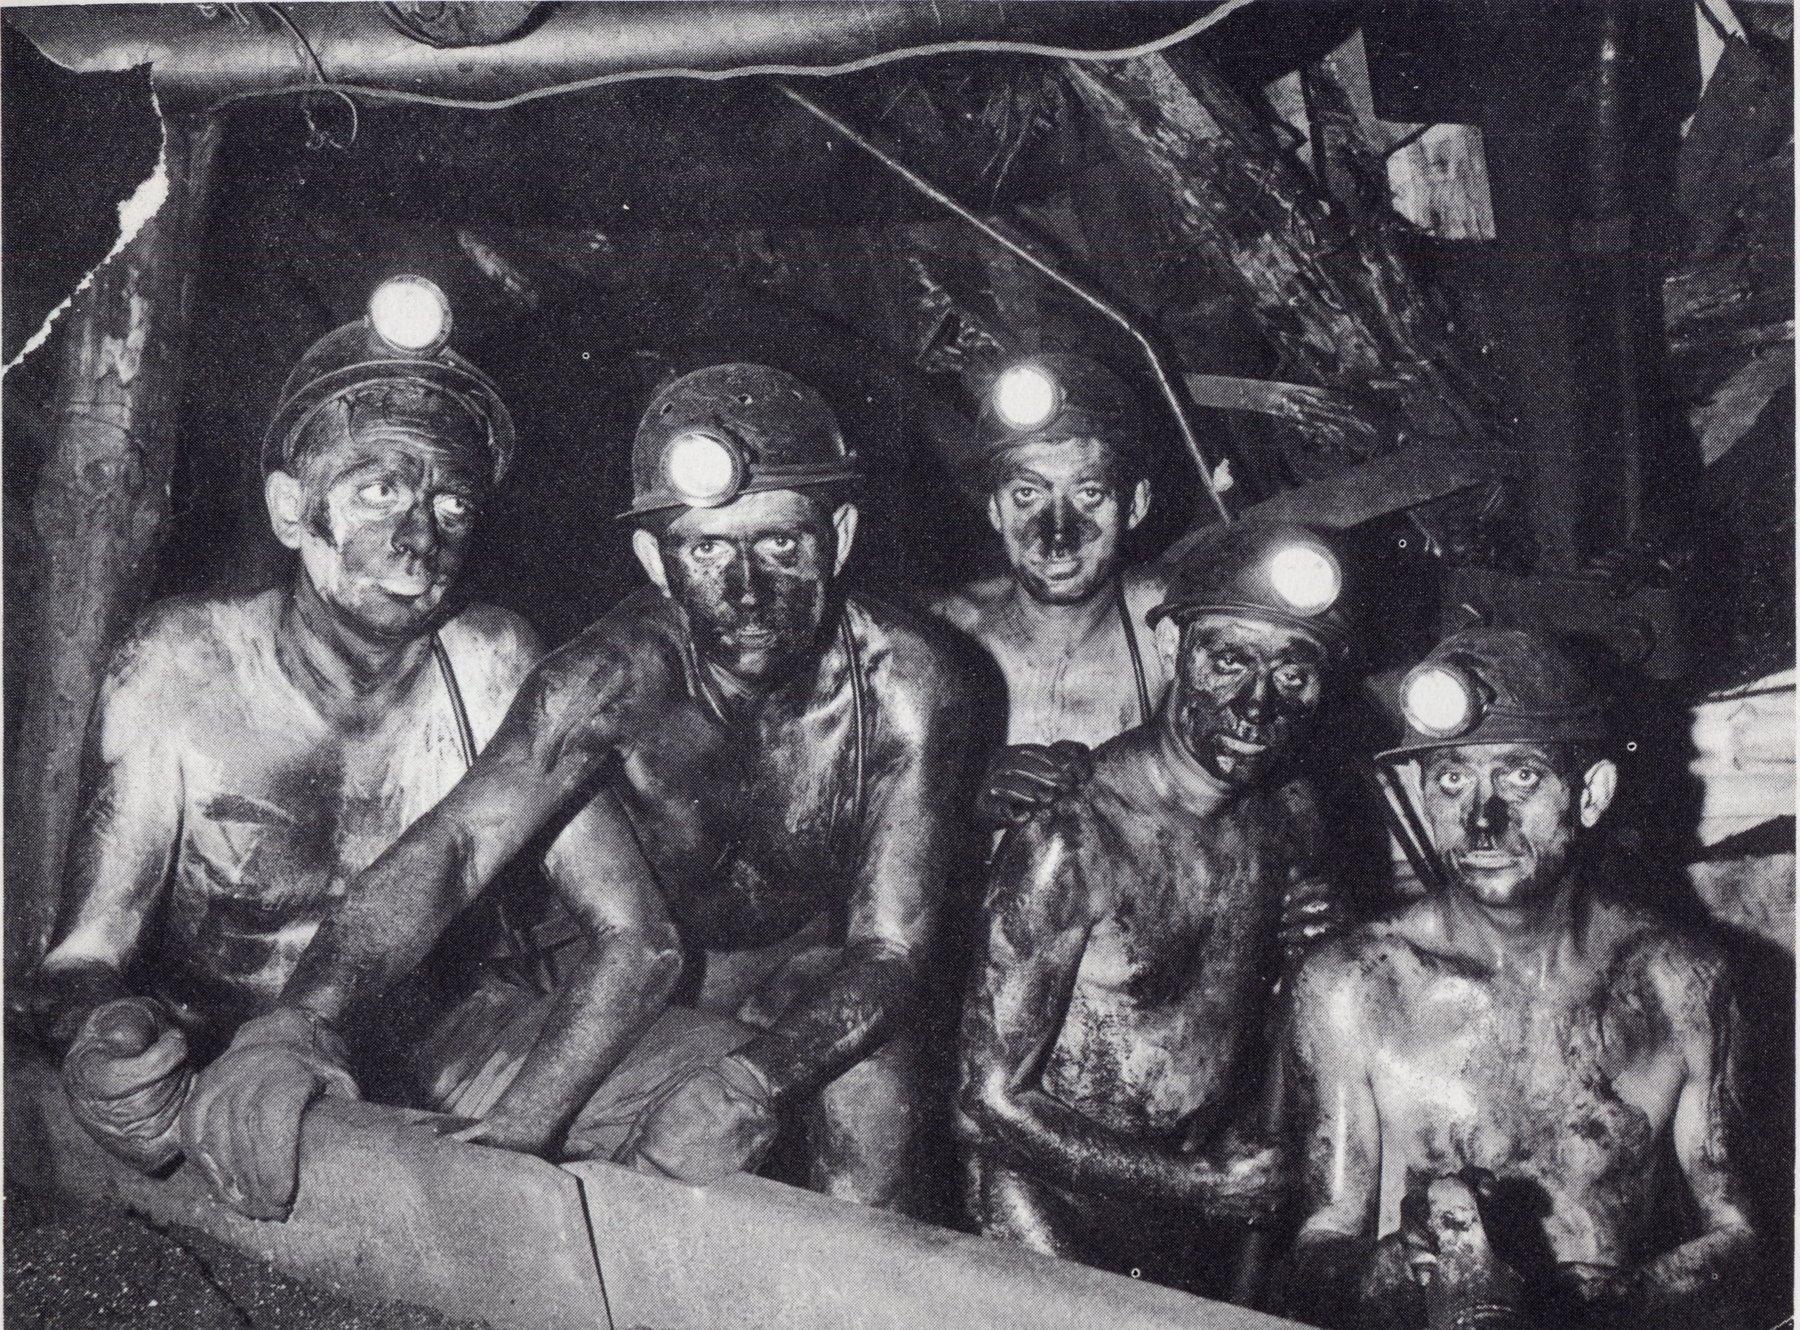 Il lavoro in miniera è una costante della storia dell'emigrazione italiana. Tra la fine dell'Ottocento e gli anni Sessanta del Novecento migliaia di poveri e disoccupati prendono treni per l'Europa settentrionale o bastimenti transoceanici per farsi reclutare dagli impresari dell'estrazione mineraria